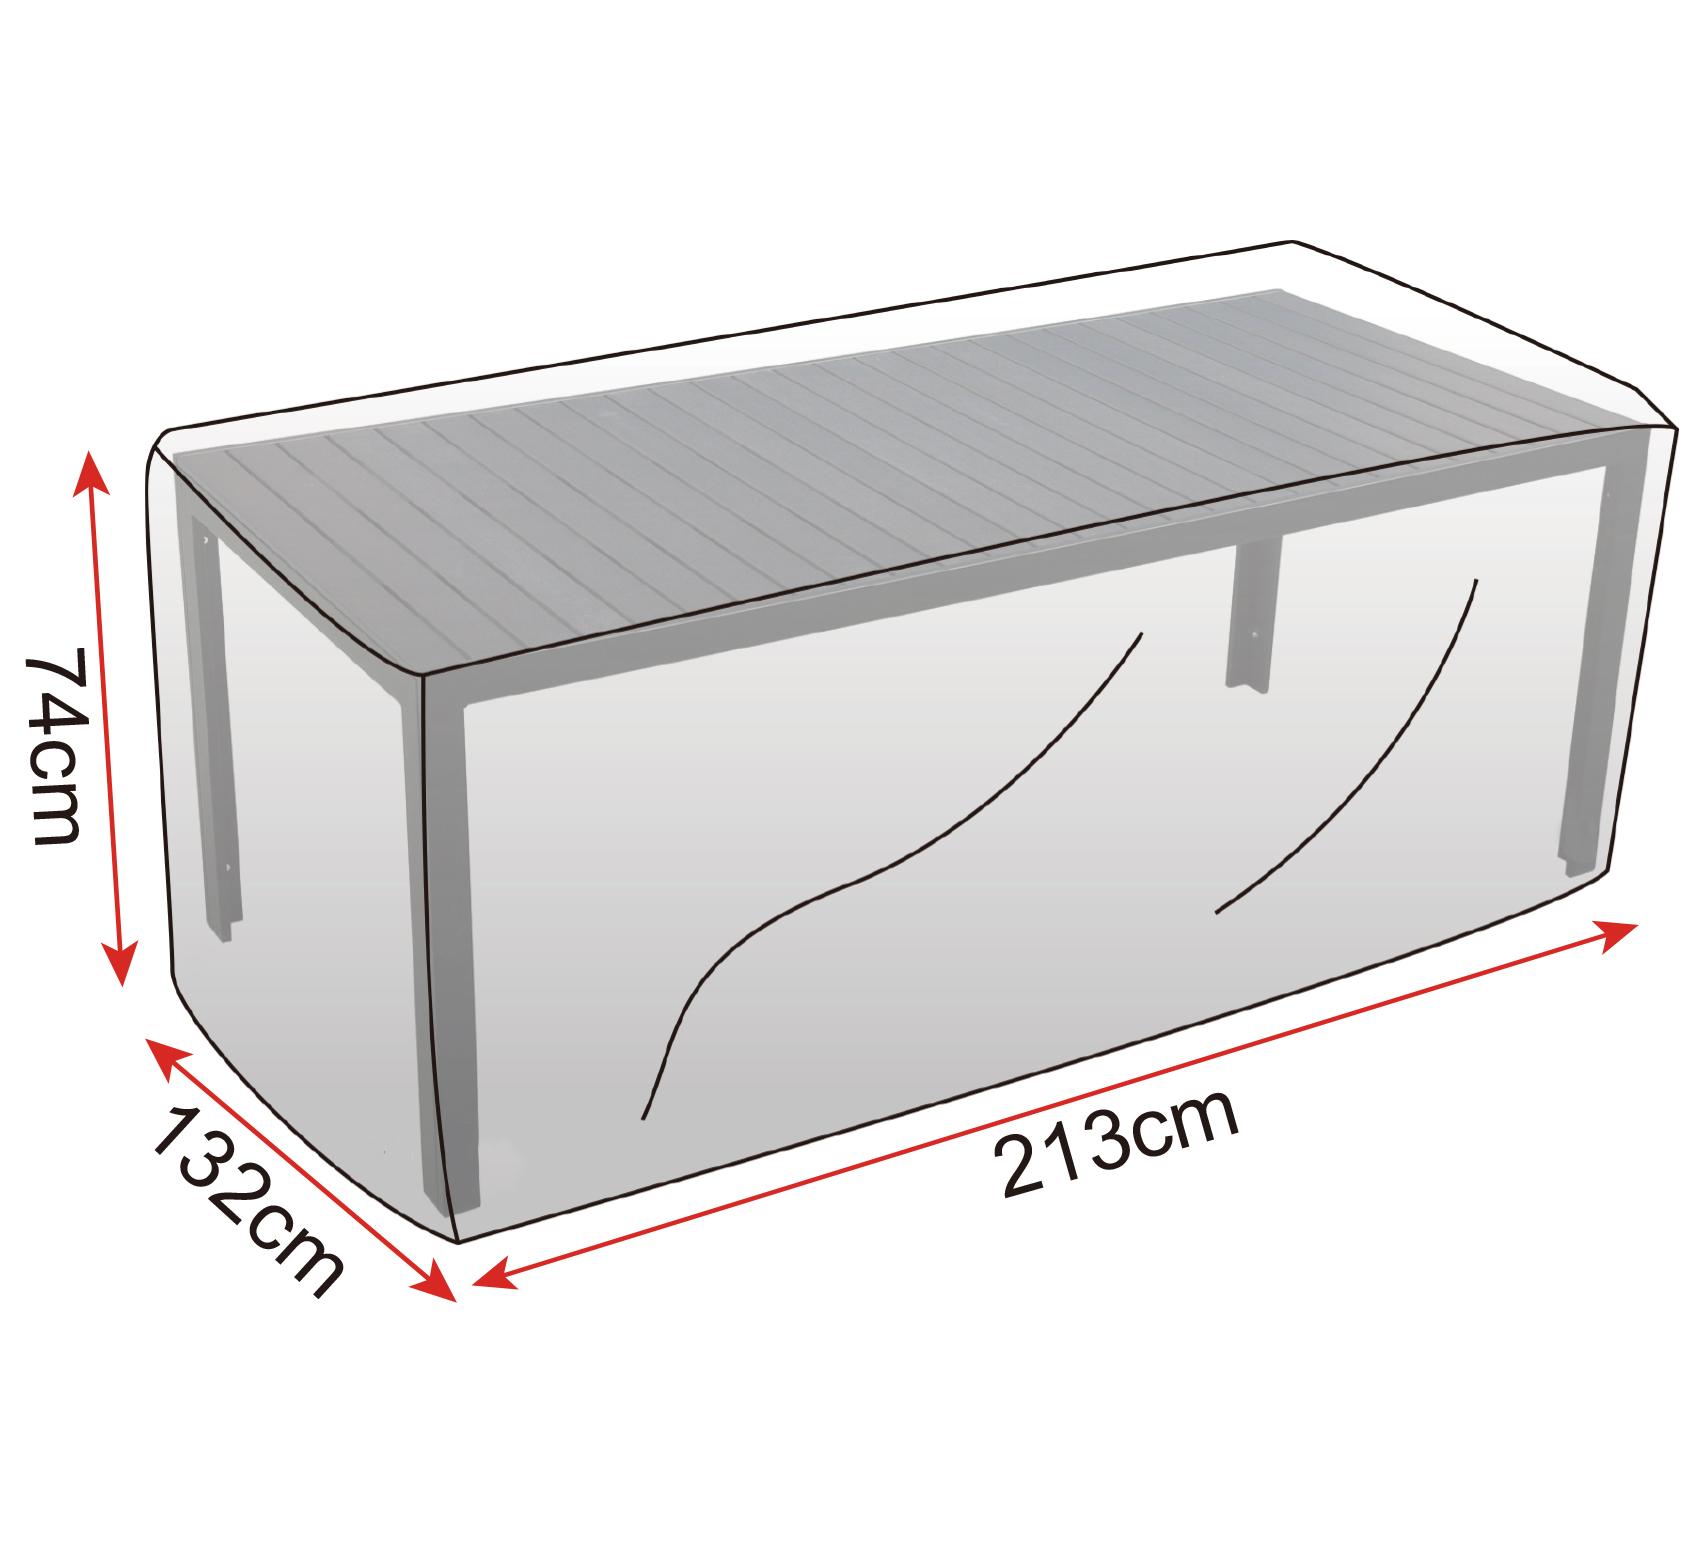 schutzh lle plane abdeckhaube f r garten m bel tisch abdeckung haube gz1196tp ebay. Black Bedroom Furniture Sets. Home Design Ideas